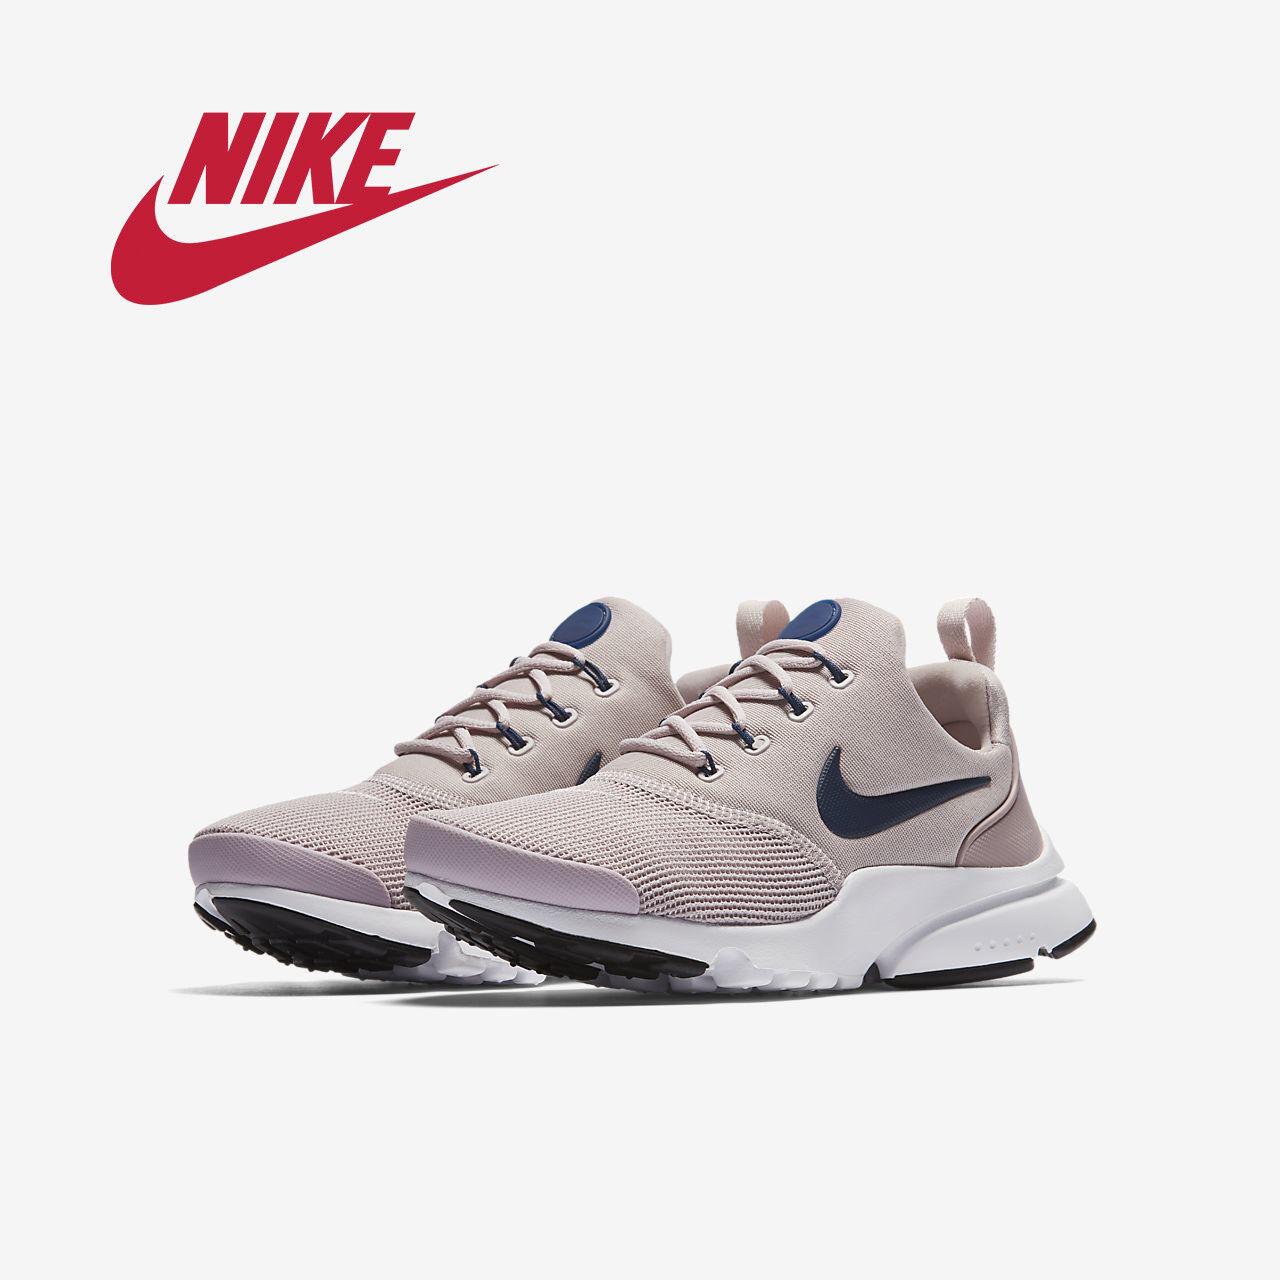 nike air presto fly nouvelles gs taille de formation nouvelles fly chaussures de femmes a augHommest e533d3